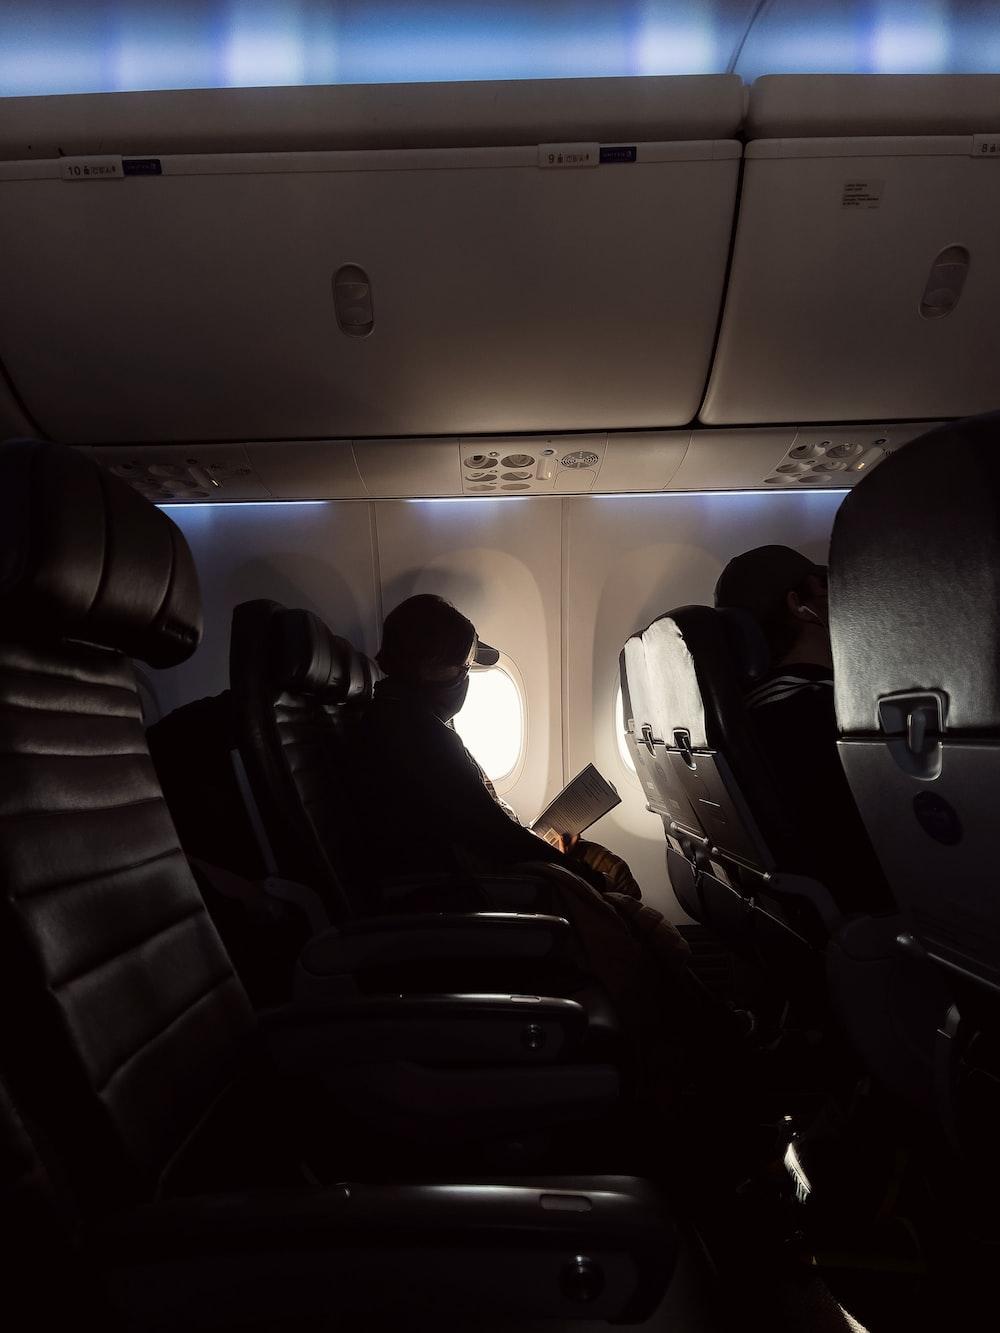 man in black jacket sitting on airplane seat